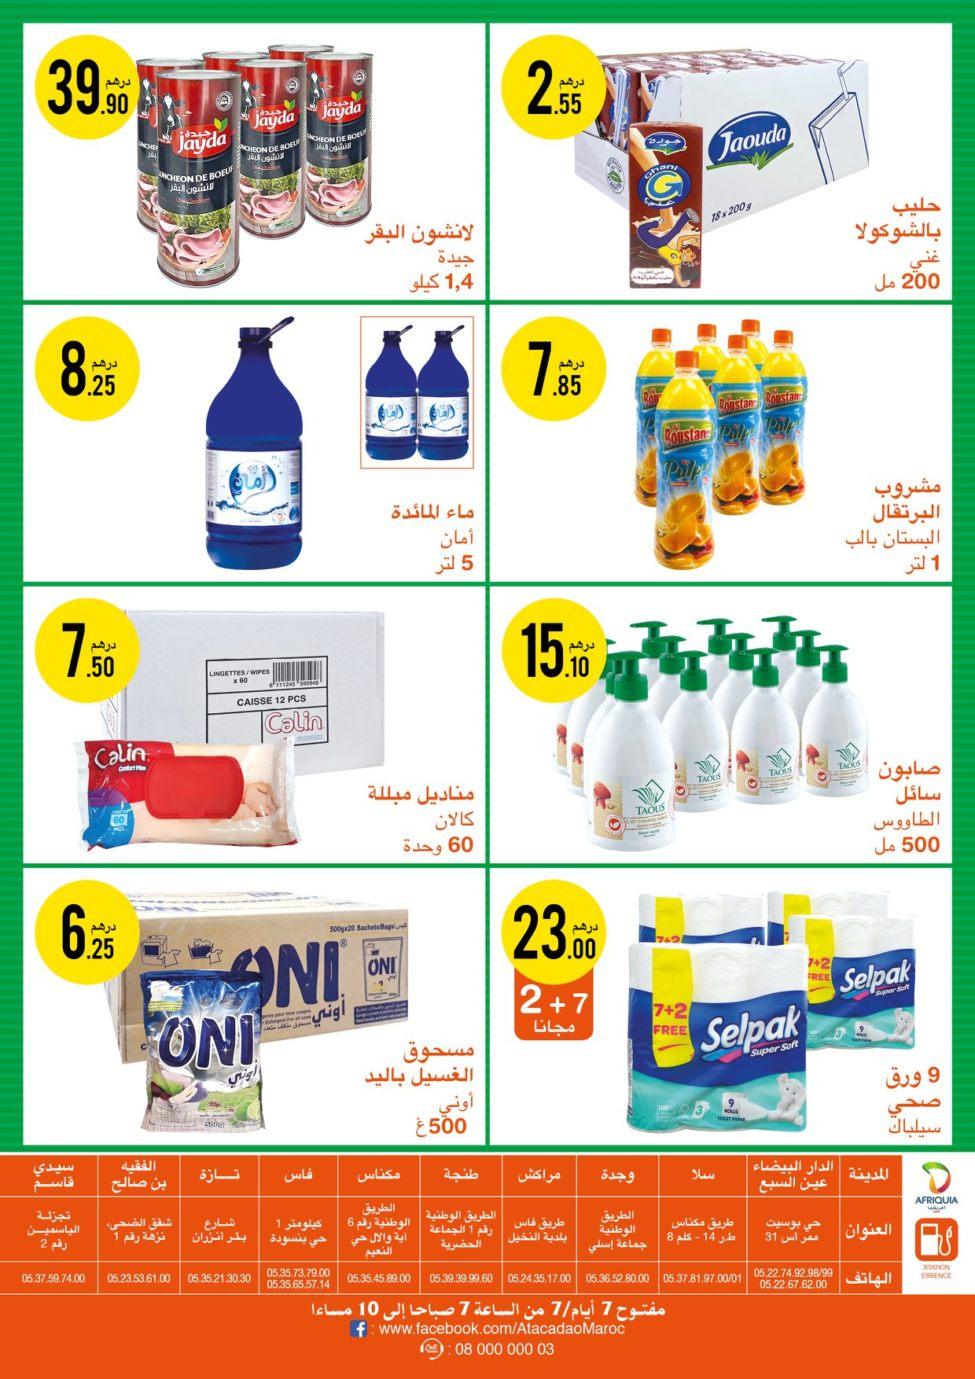 Catalogue Atacadao Maroc ما كاين ارخص du 12 au 15 Mars 2020